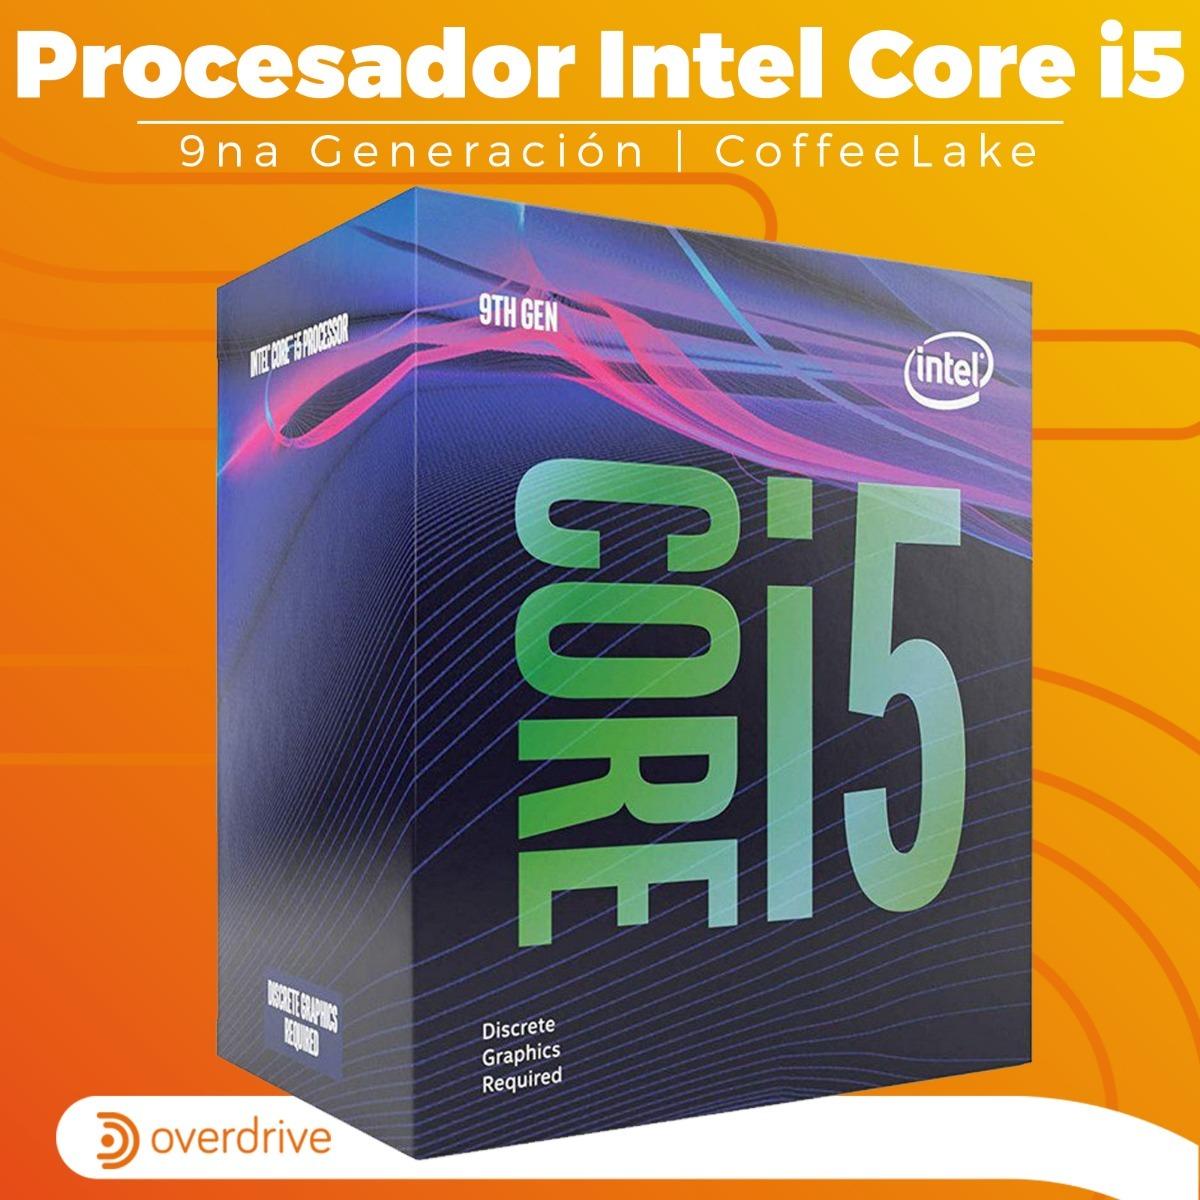 Pc Gamer Ultra Cpu Intel Core I5 9600k 8va 16gb + Rtx 2060